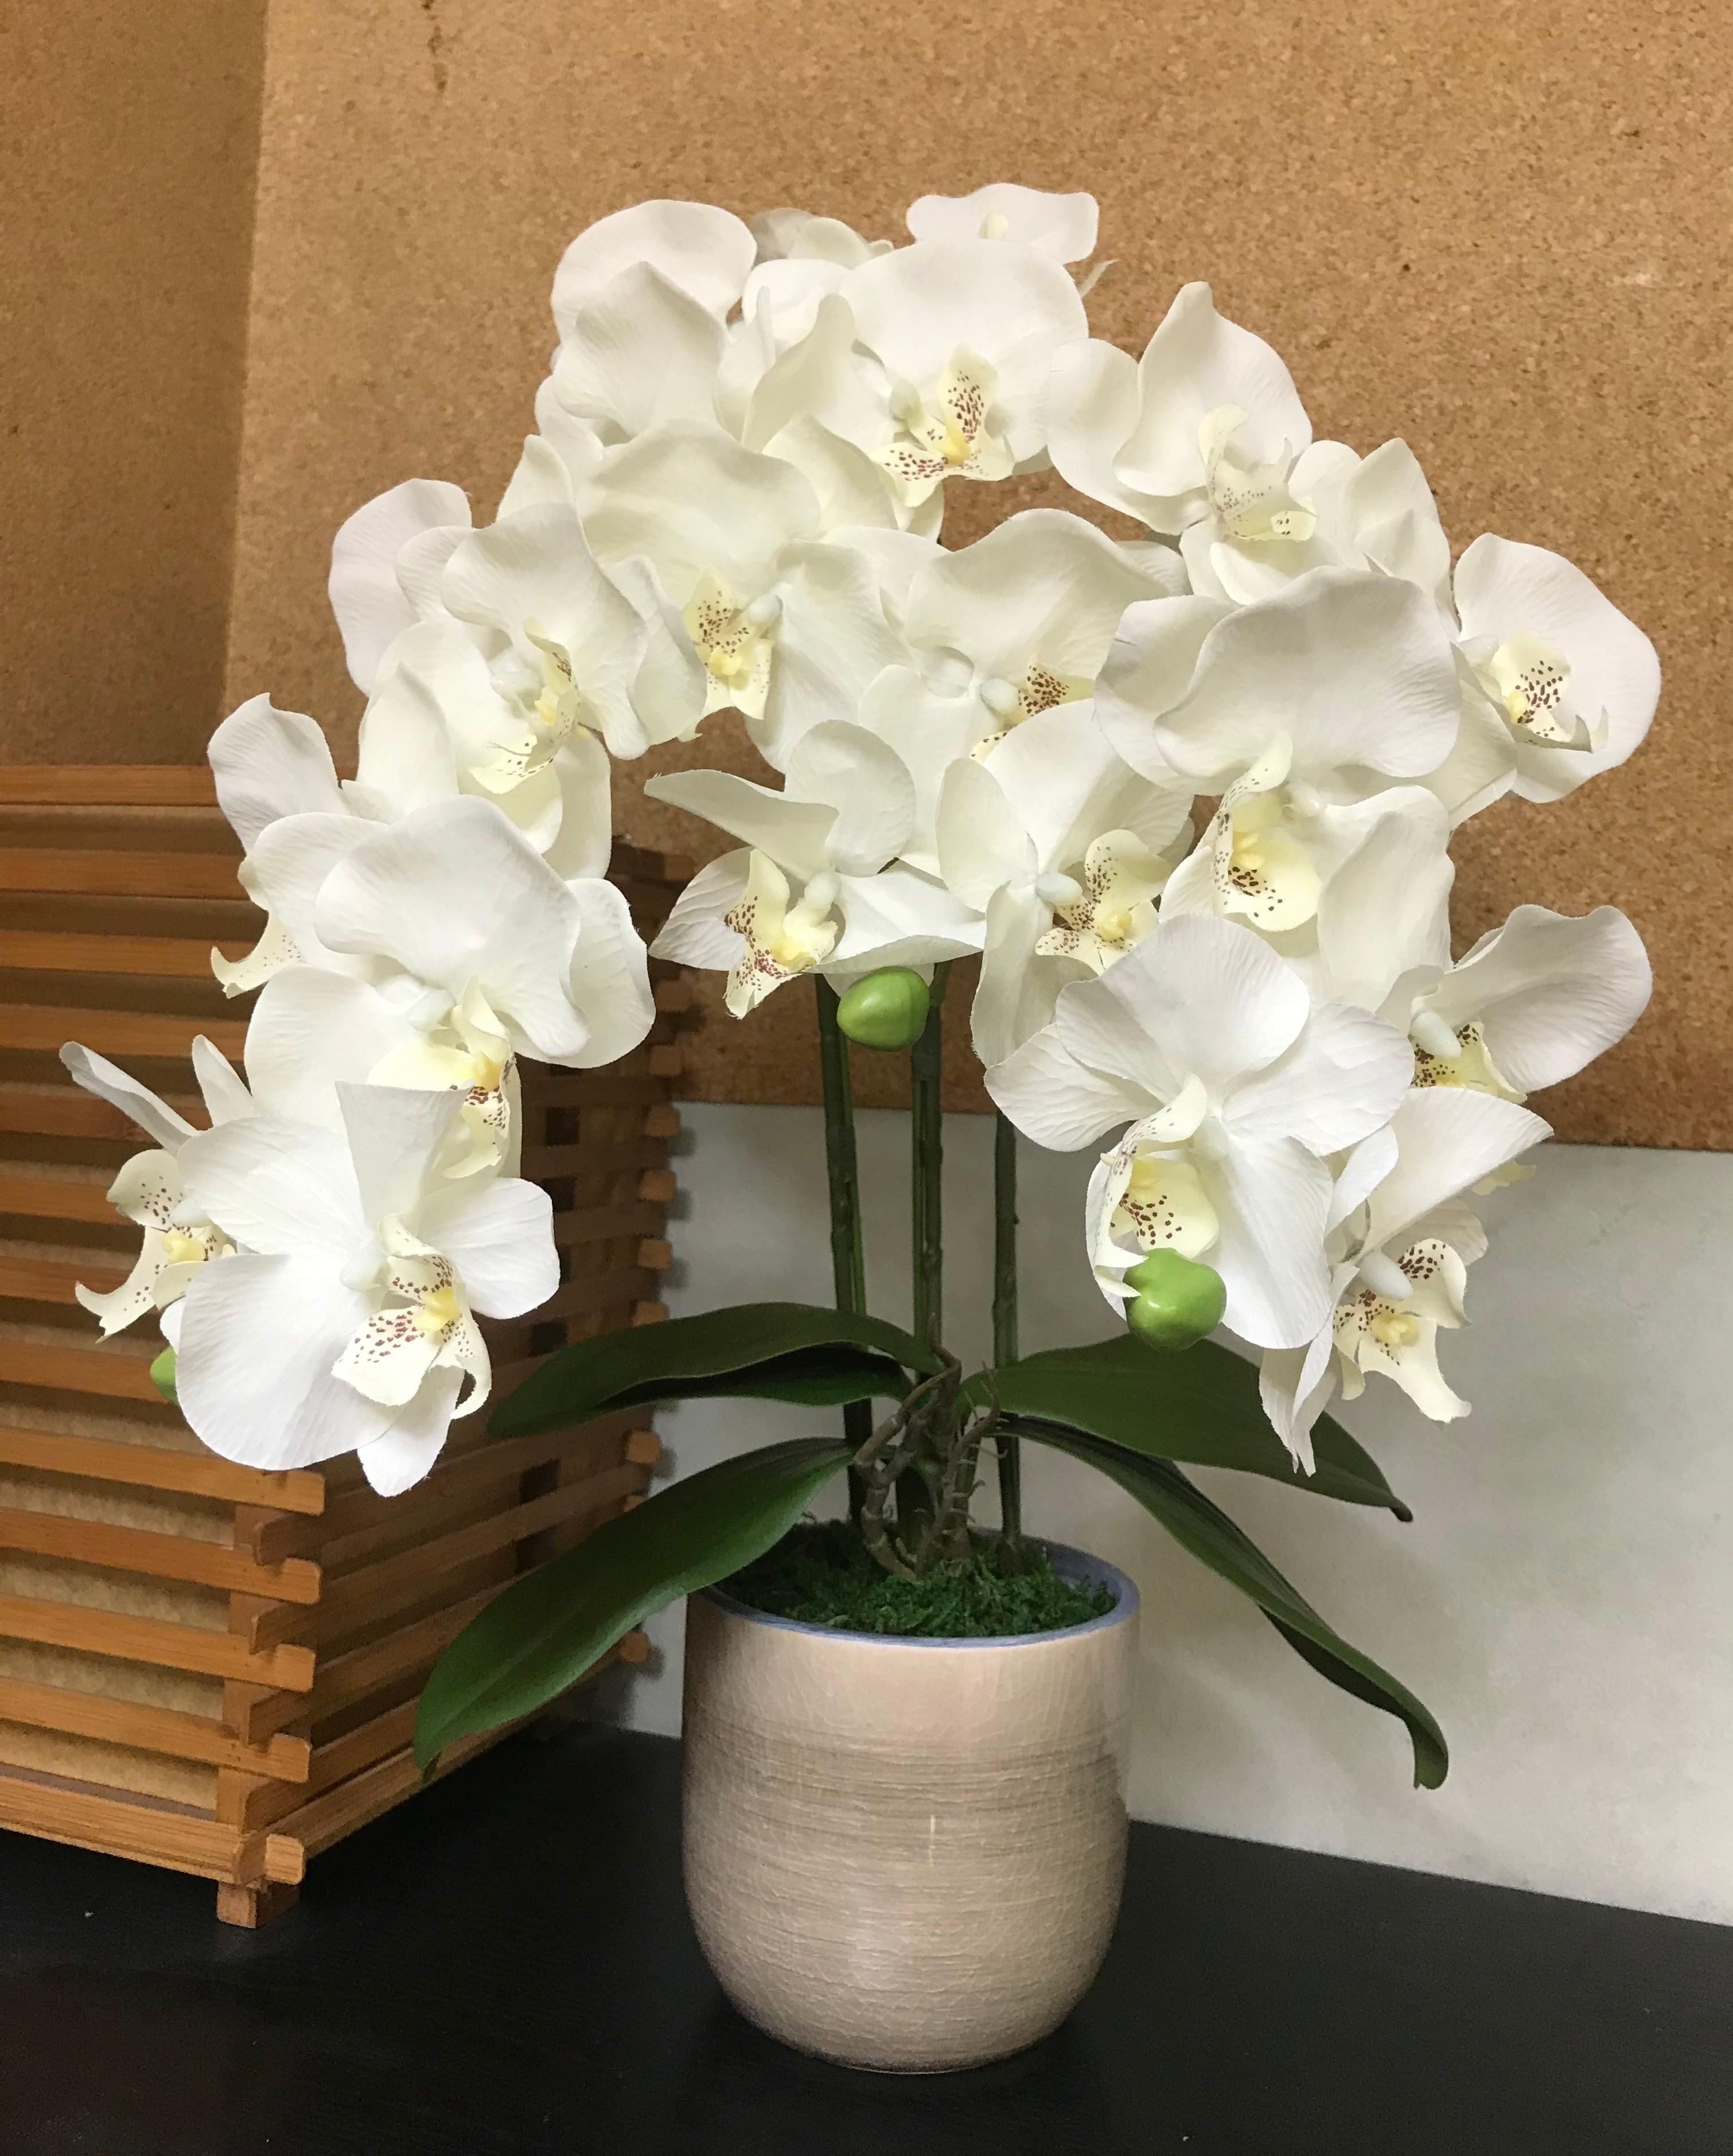 アーティフィシャルフラワー胡蝶蘭鉢植 3本立 M01